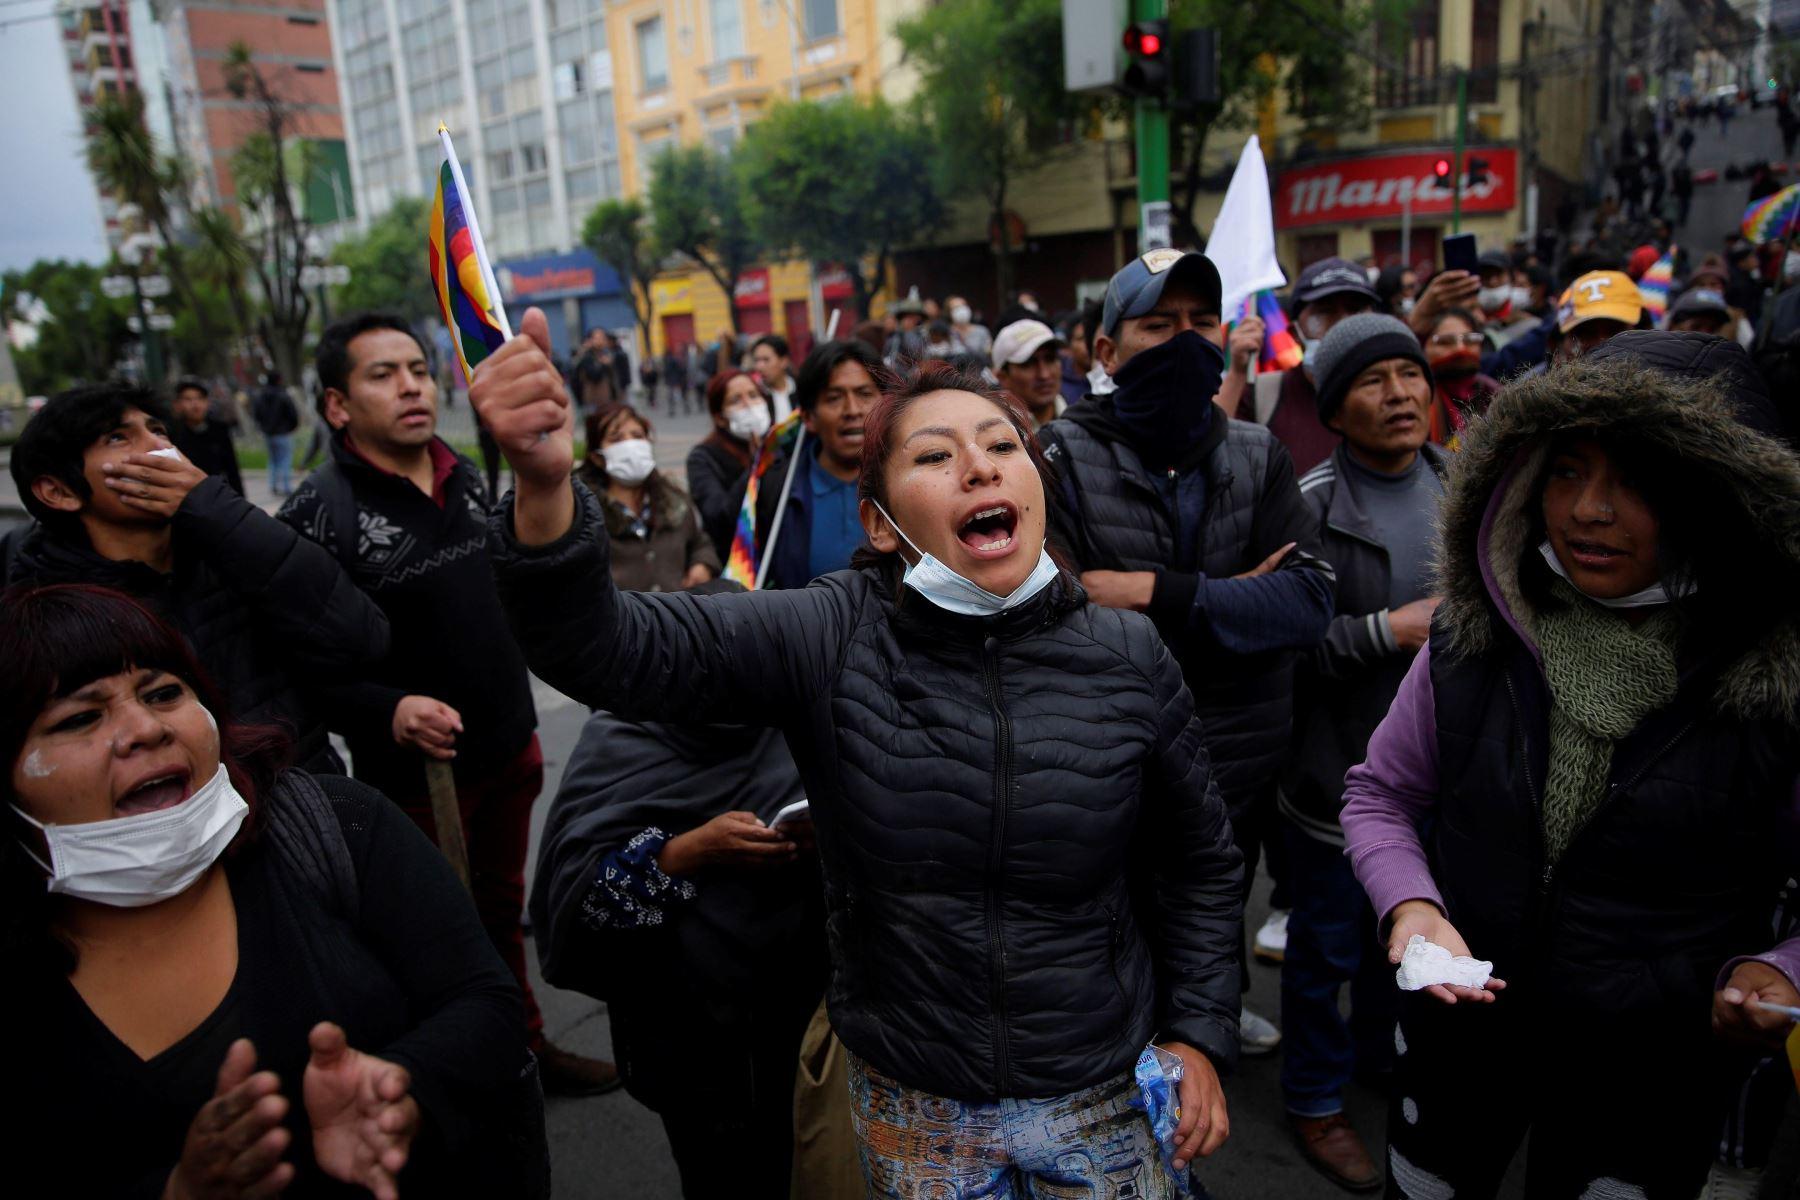 Simpatizantes del expresidente Evo Morales gritan consignas  durante una jornada de protestas en La Paz. Foto: EFE